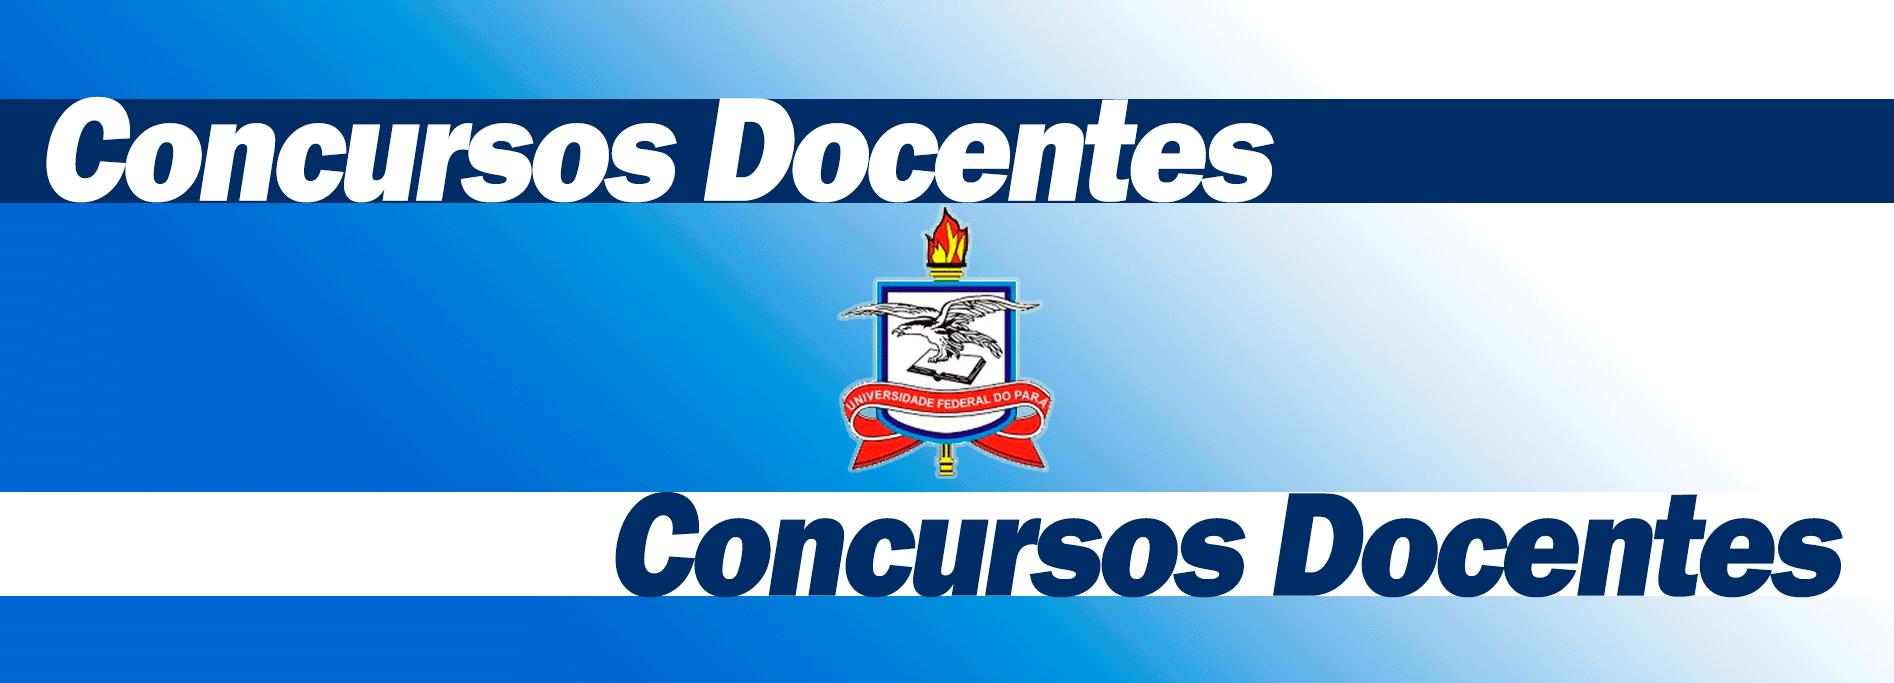 Abertura de editais para realização de Concursos Públicos para o provimento de cargos de Professor da Universidade Federal do Pará